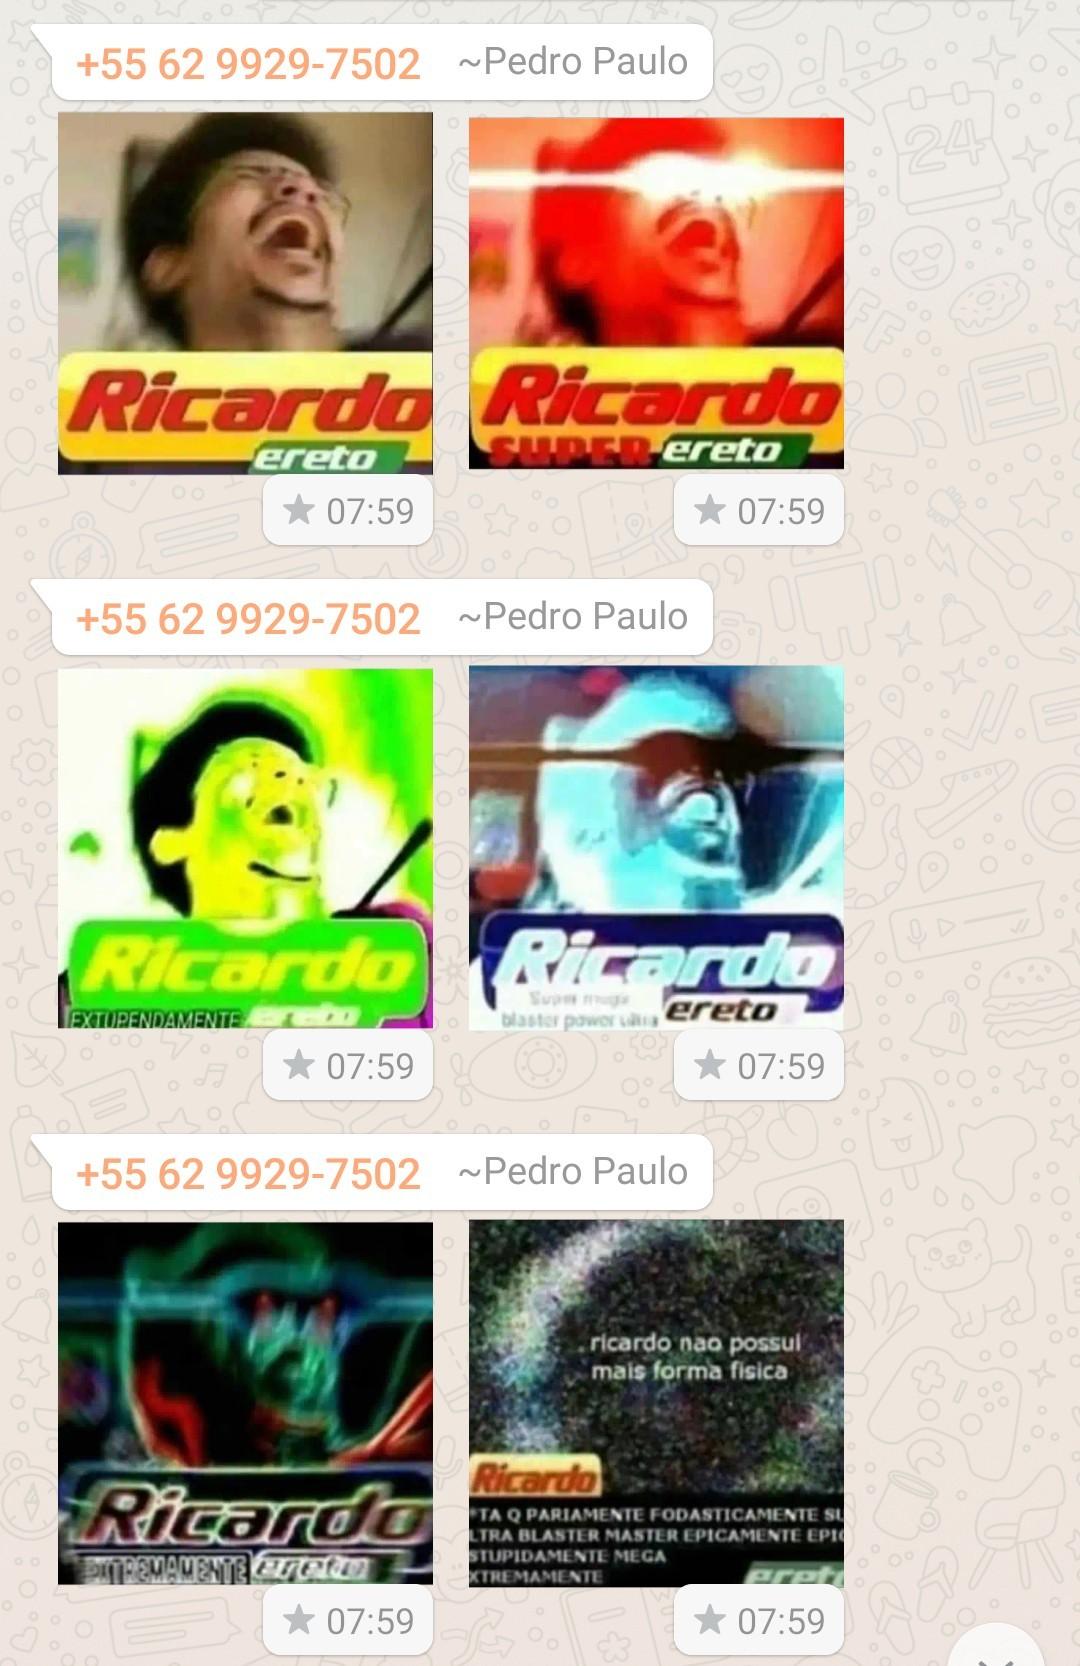 Ricardo eretrificações - meme